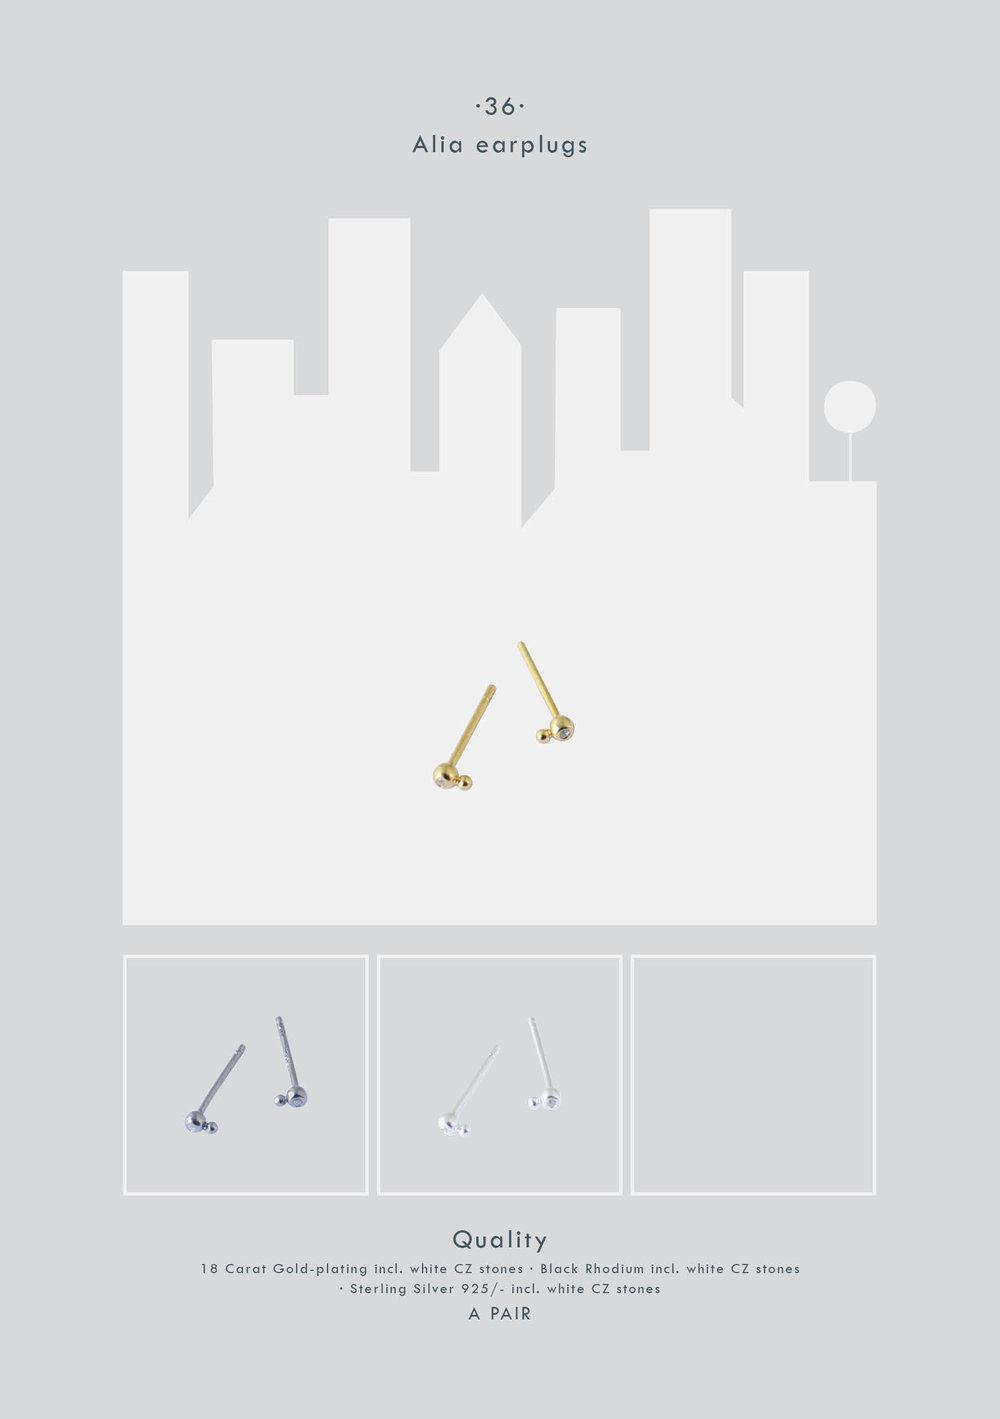 rebekkarebekka_lookbook In the city 2015 - elookbook - Enkeltsidet til print32.jpg